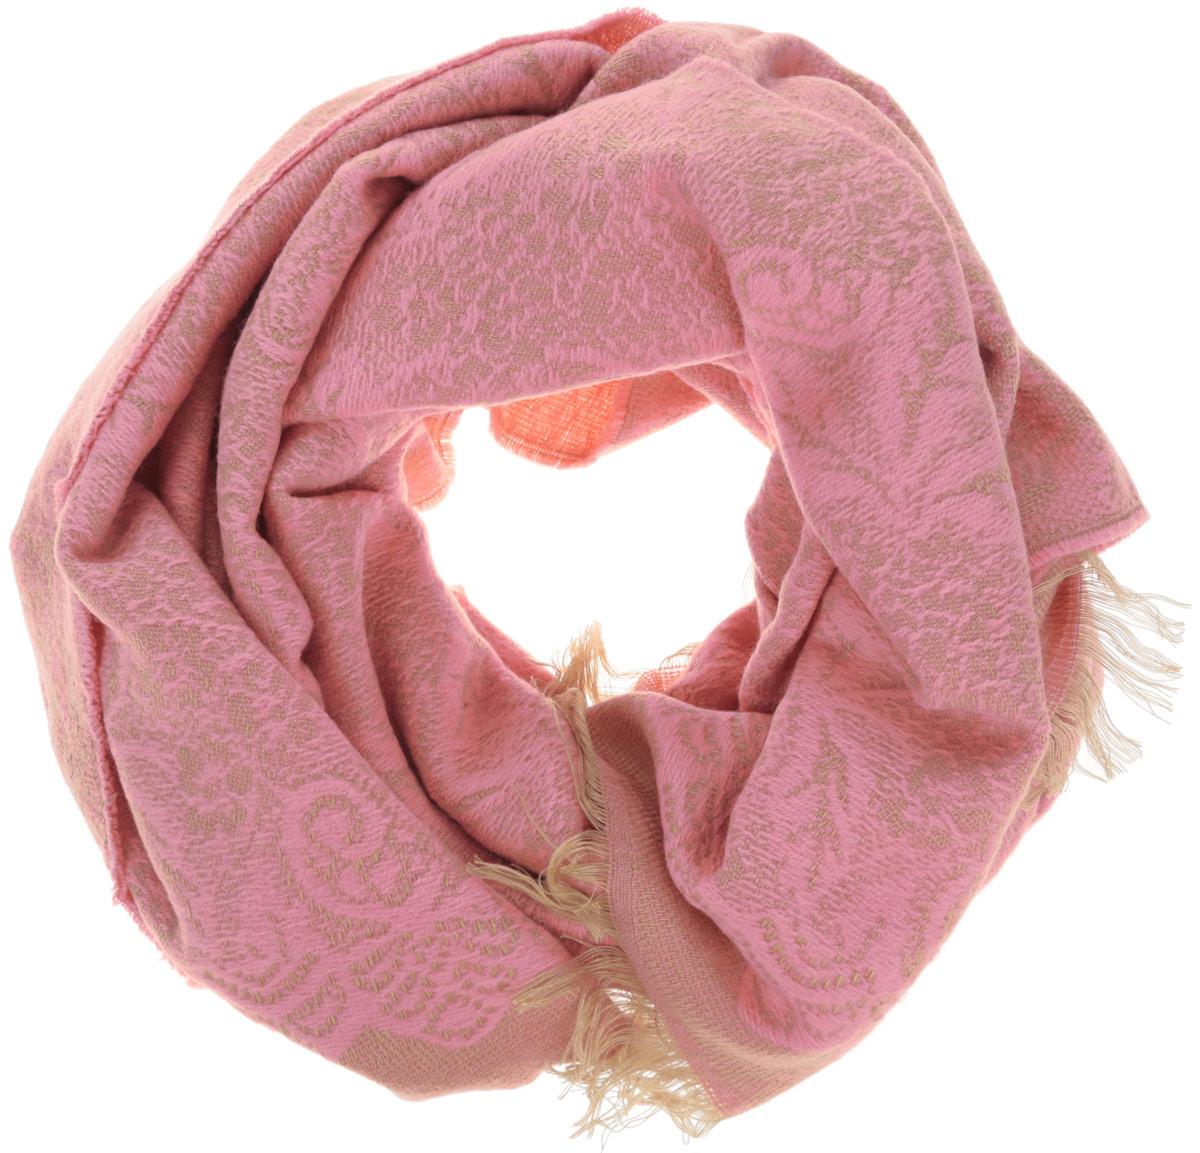 Палантин женский Sela, цвет: розовый. SCw-142/464-6404. Размер 182 см x 67 смSCw-142/464-6404Элегантный палантин, выполненный из акрила с добавлением полиэстера, создан подчеркивать роскошную неоднозначность вашего образа. Палантин по краям декорирован бахромой. Этот модный аксессуар женского гардероба гармонично дополнит образ современной женщины, следящей за своим имиджем и стремящейся всегда оставаться стильной и элегантной. В этом палантине вы всегда будете выглядеть женственной и привлекательной.